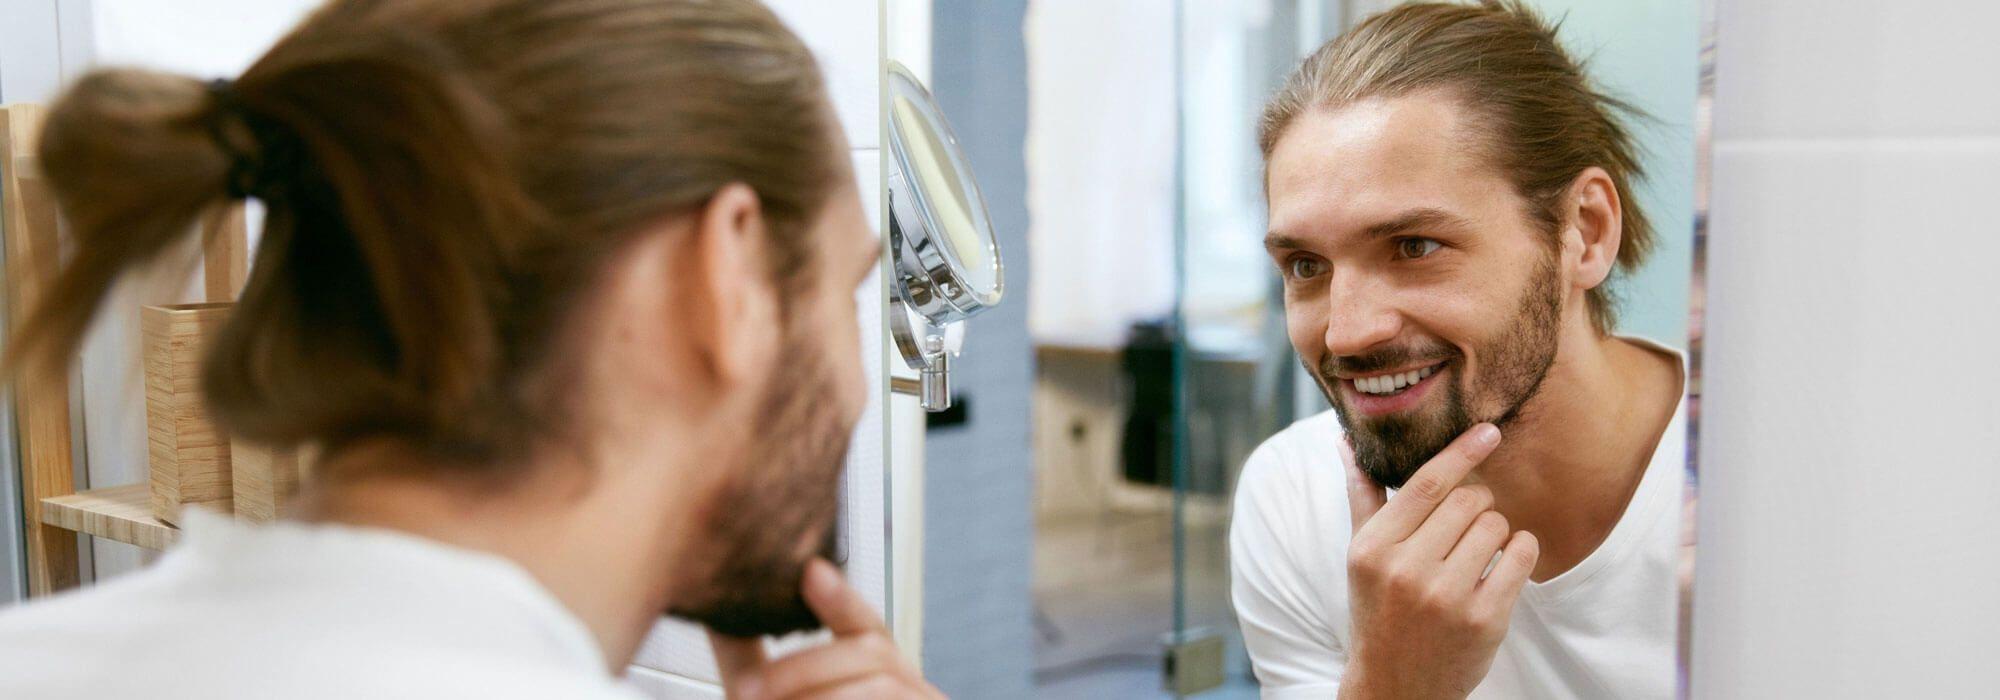 fier d'être barbu